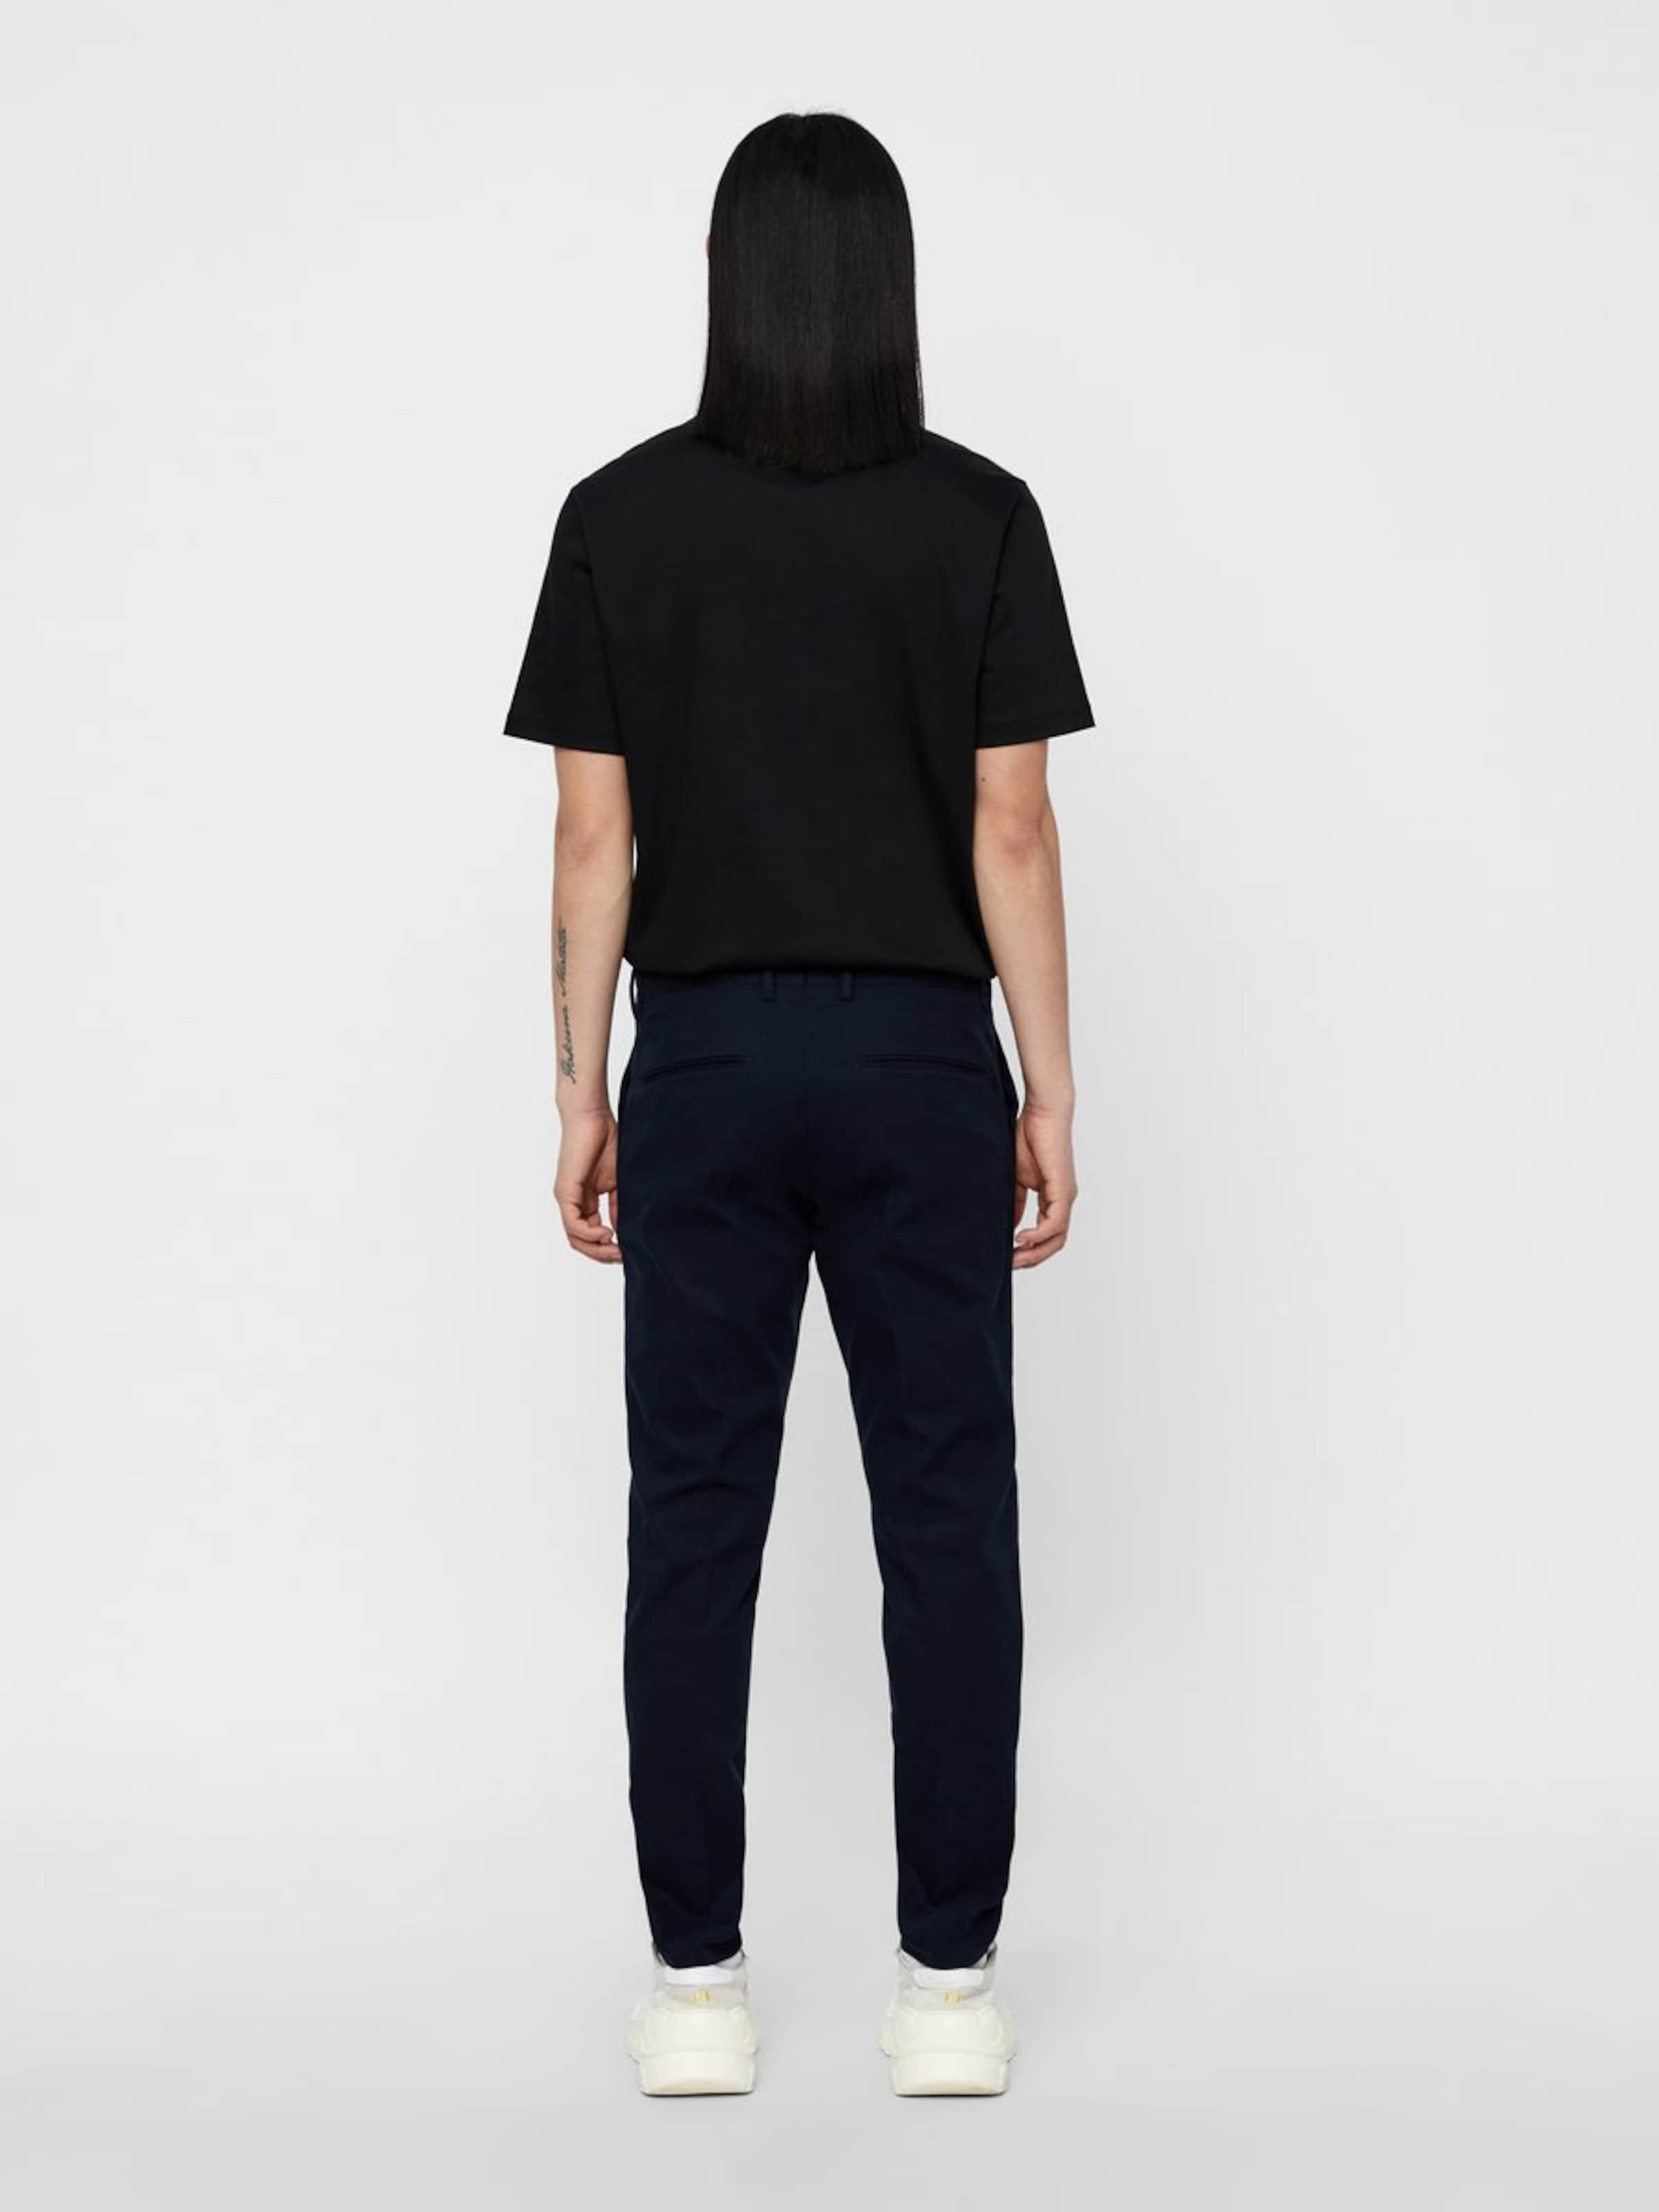 Marine lindeberg 'grant' En Pantalon Bleu J dBrQCxeWo